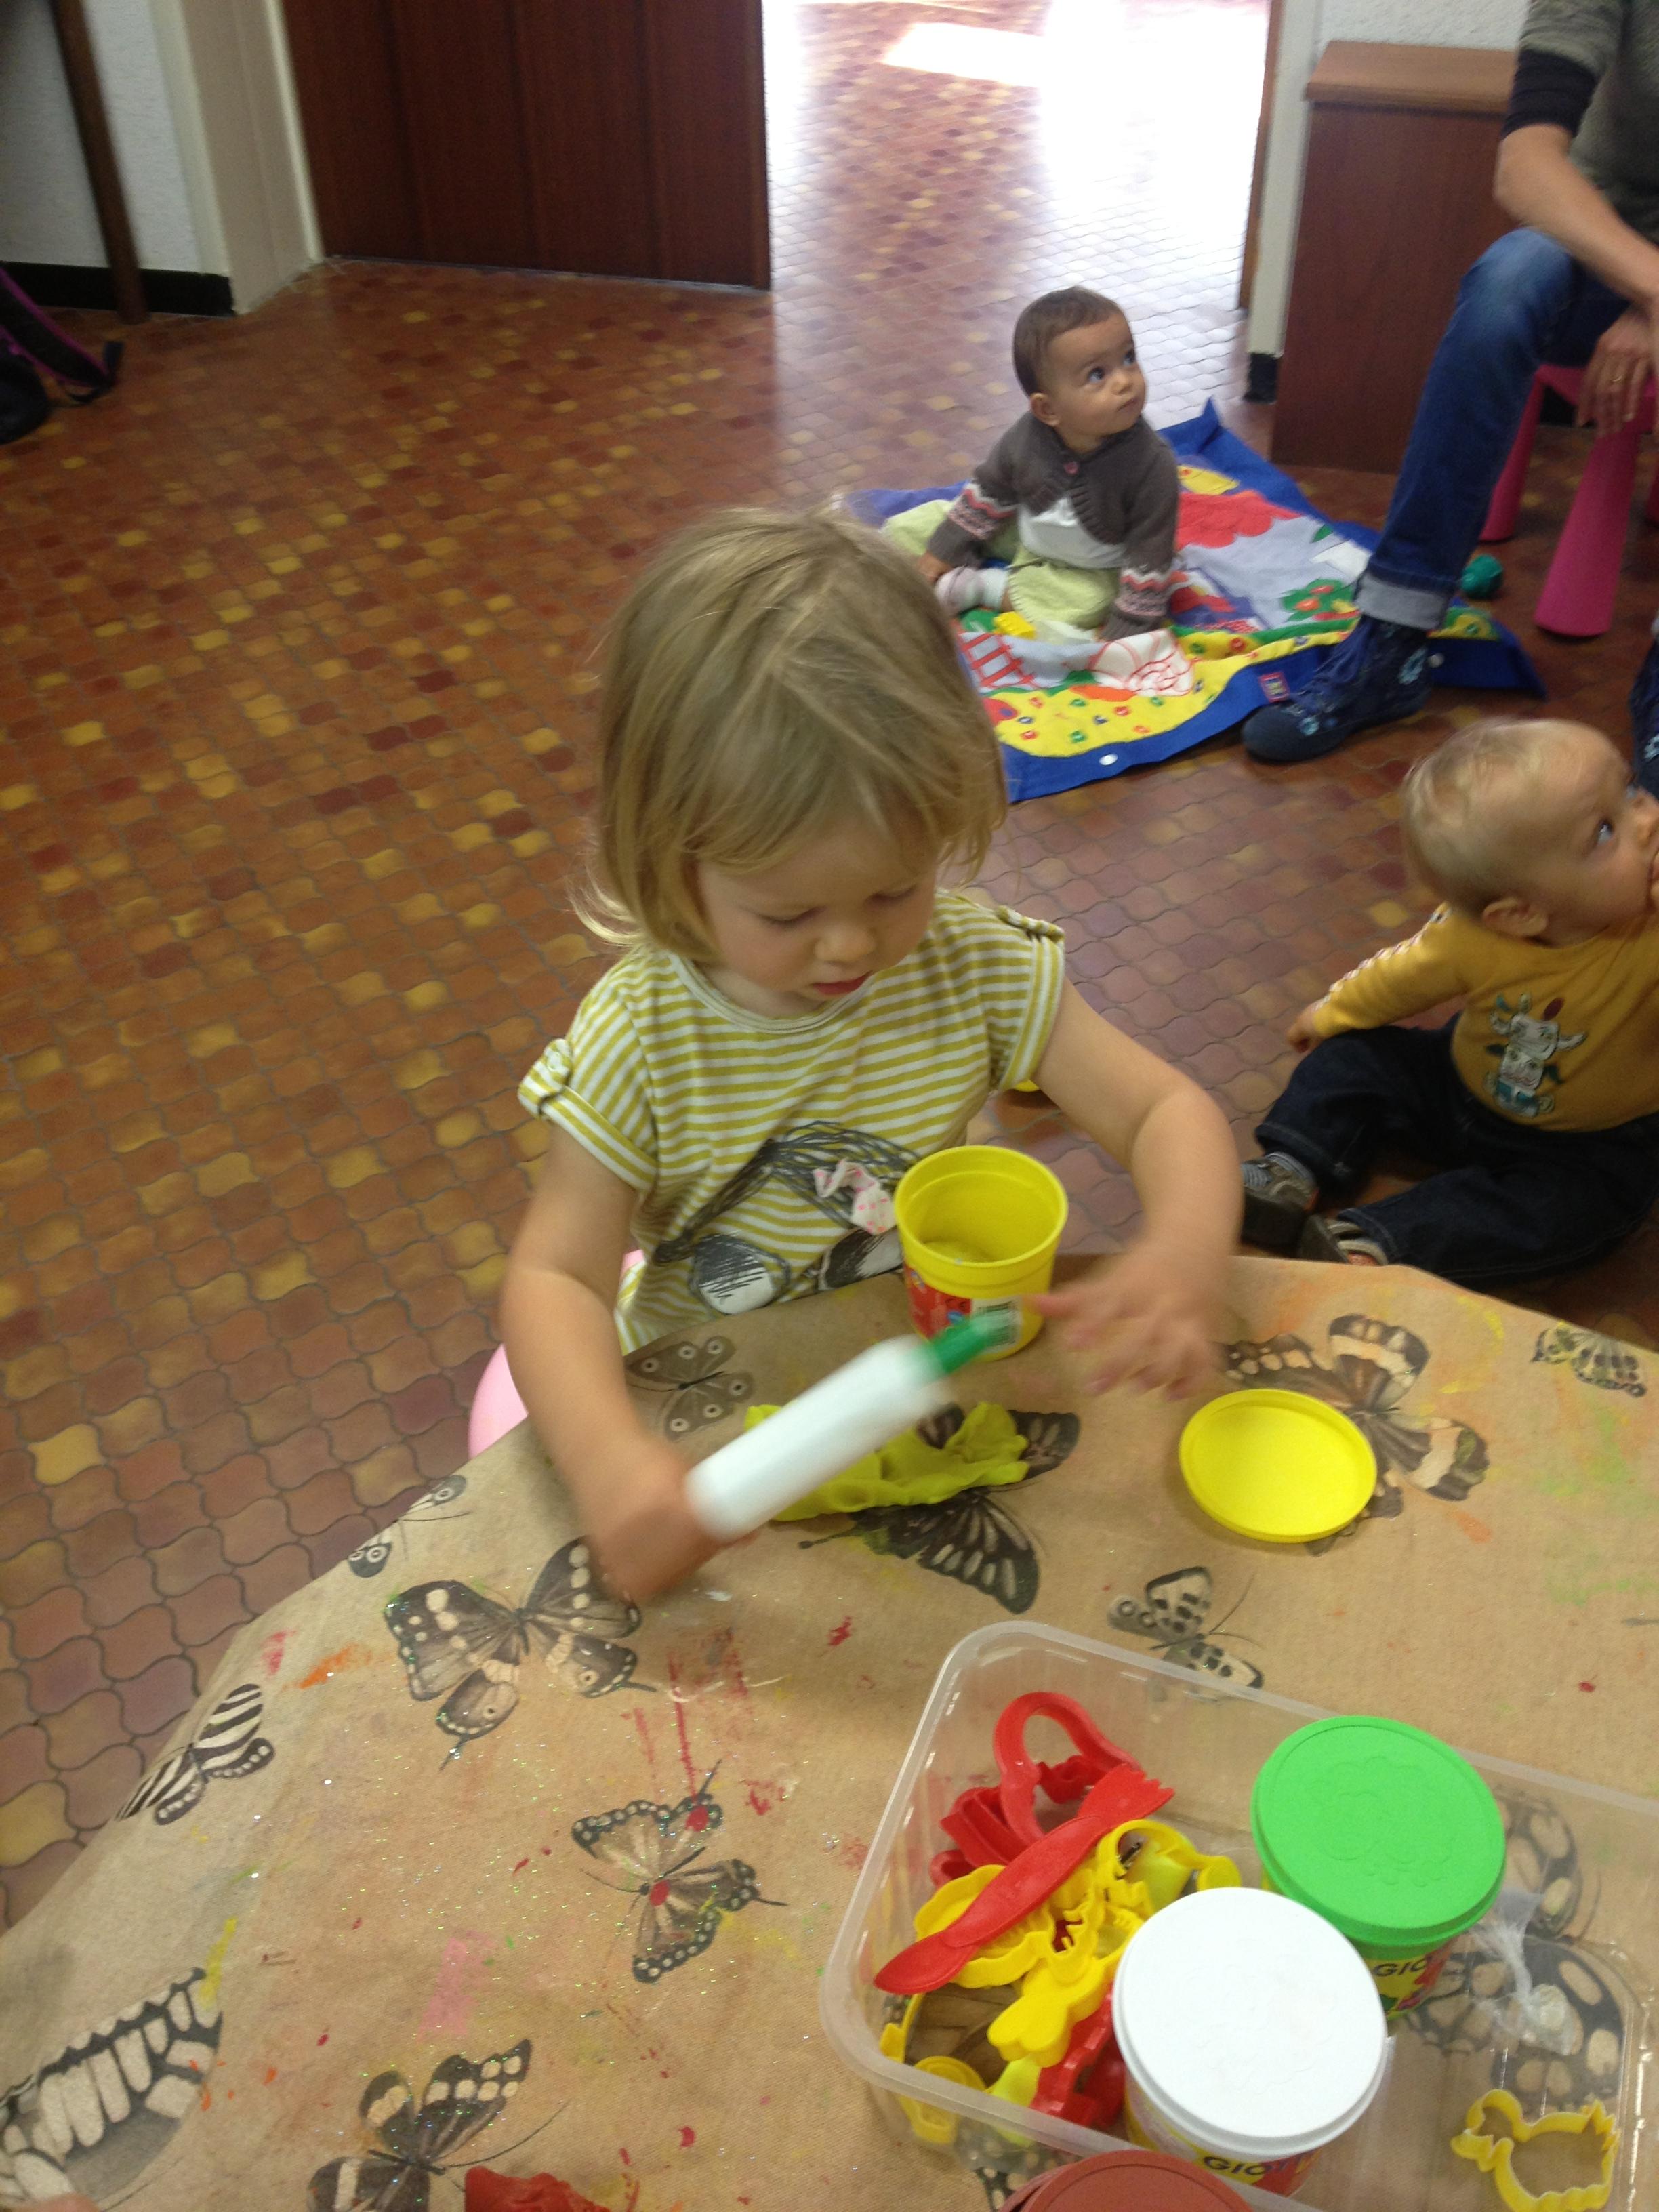 Les petits bambins activit p te modeler - Activite manuelle jardinage ...